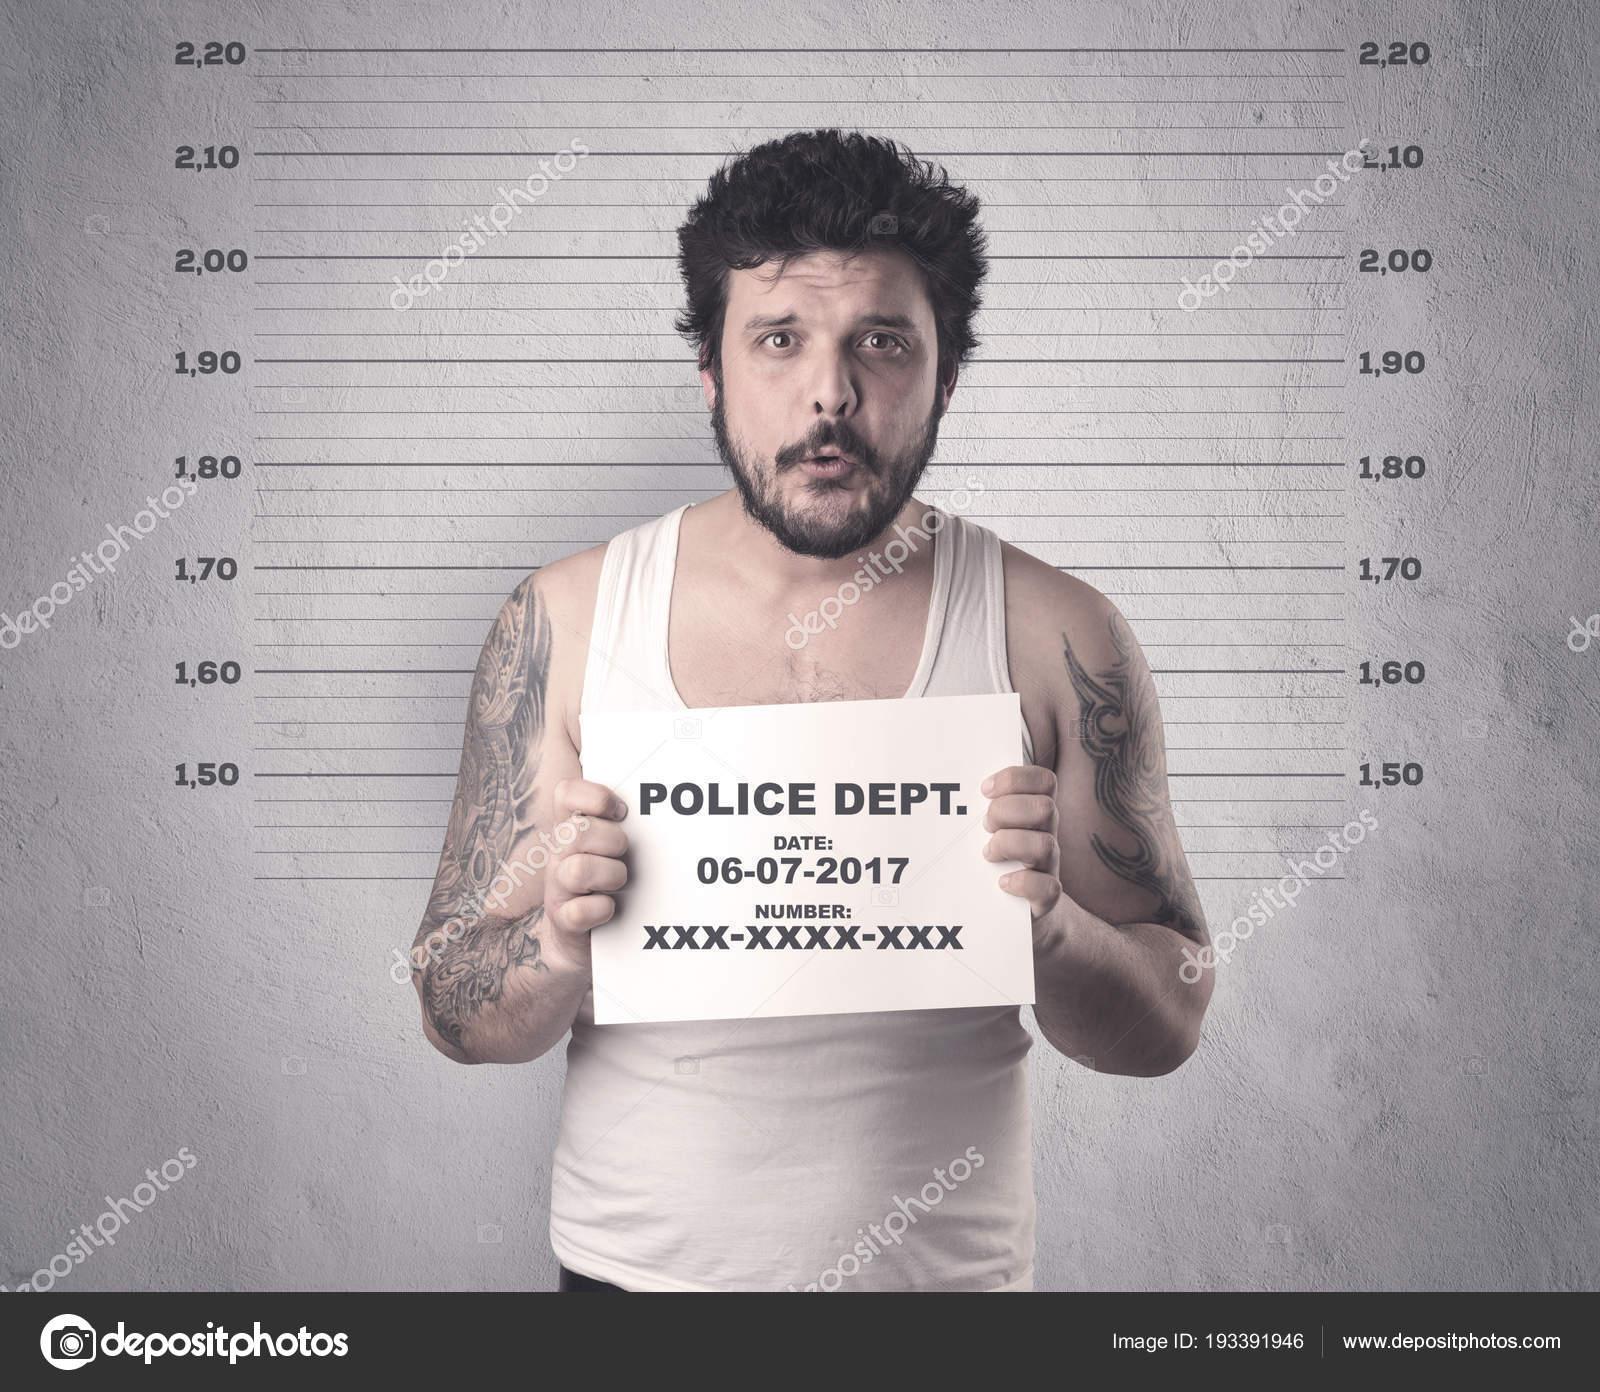 dating iemand die ging naar de gevangenis Dating alone Jackson sub Español